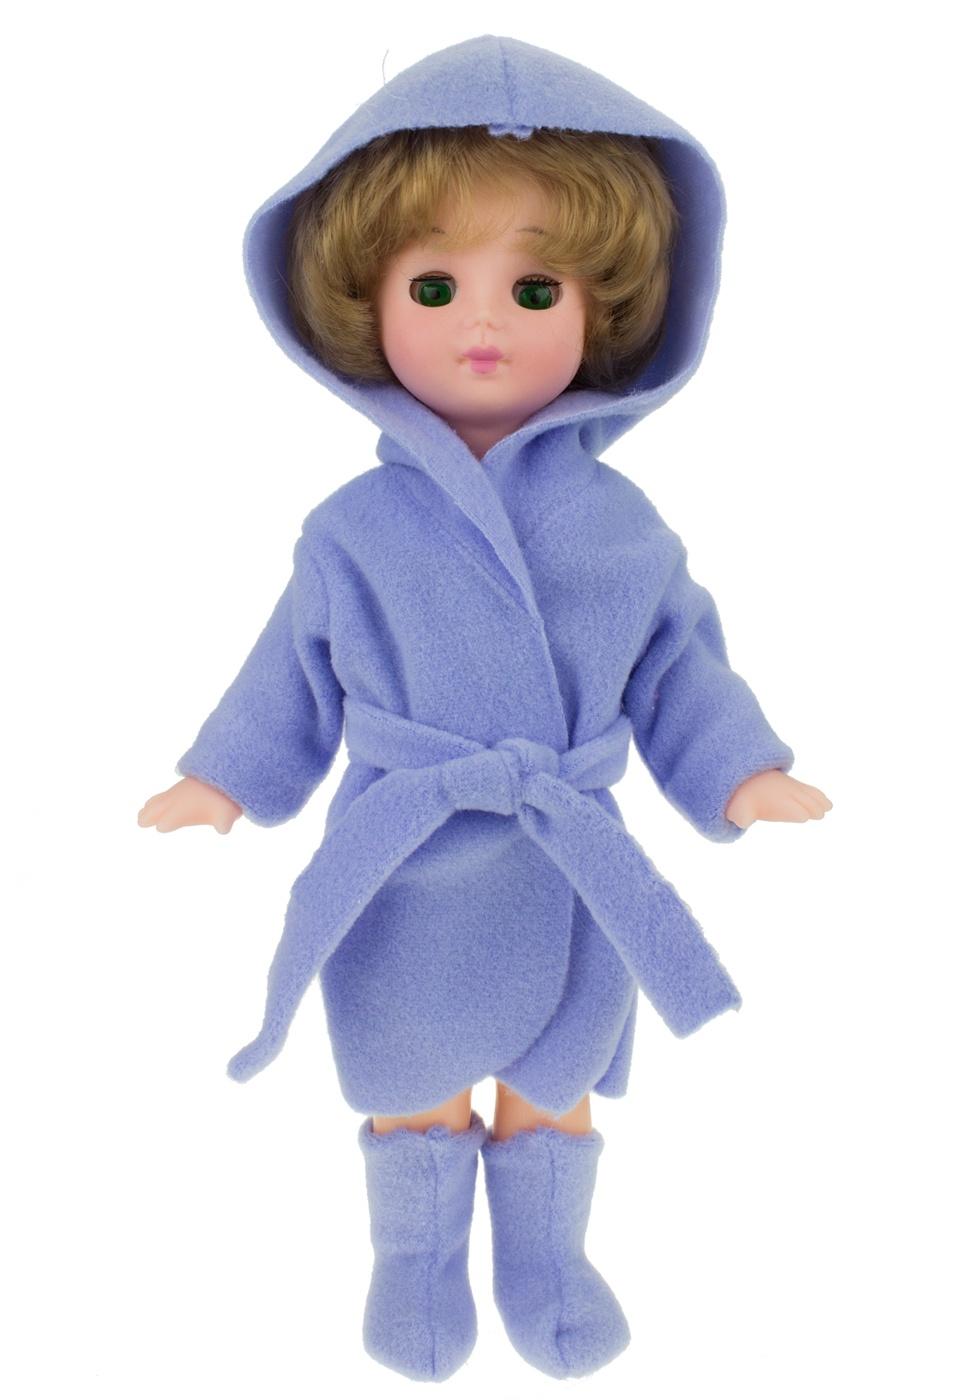 Кукла Мир кукол Ася М1 фиолетовый куклы мир кукол кукла ася пак 35 см